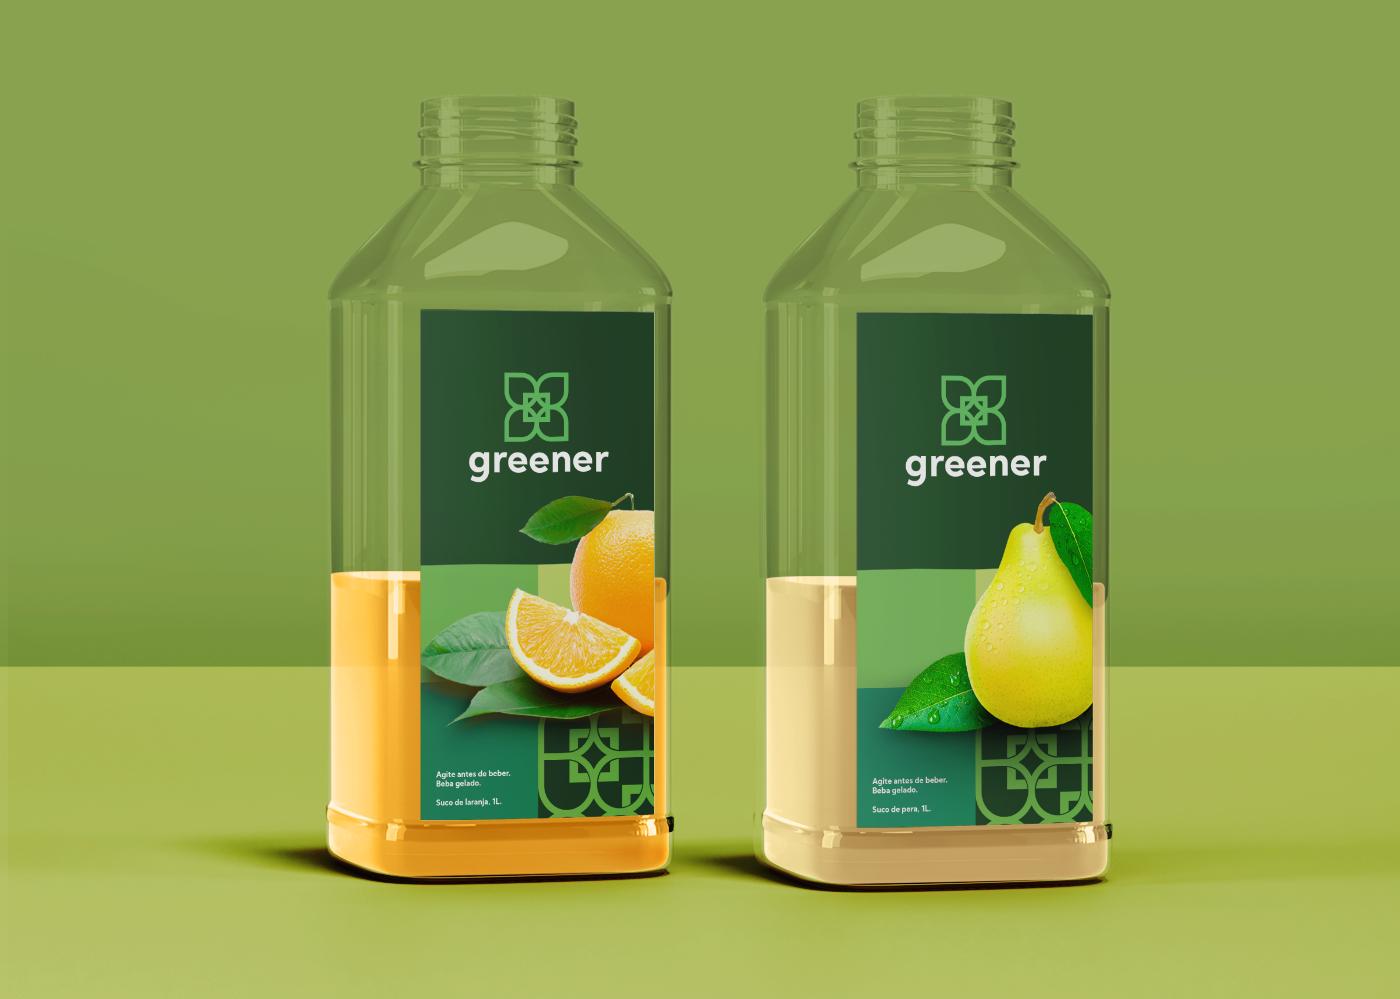 greener_08